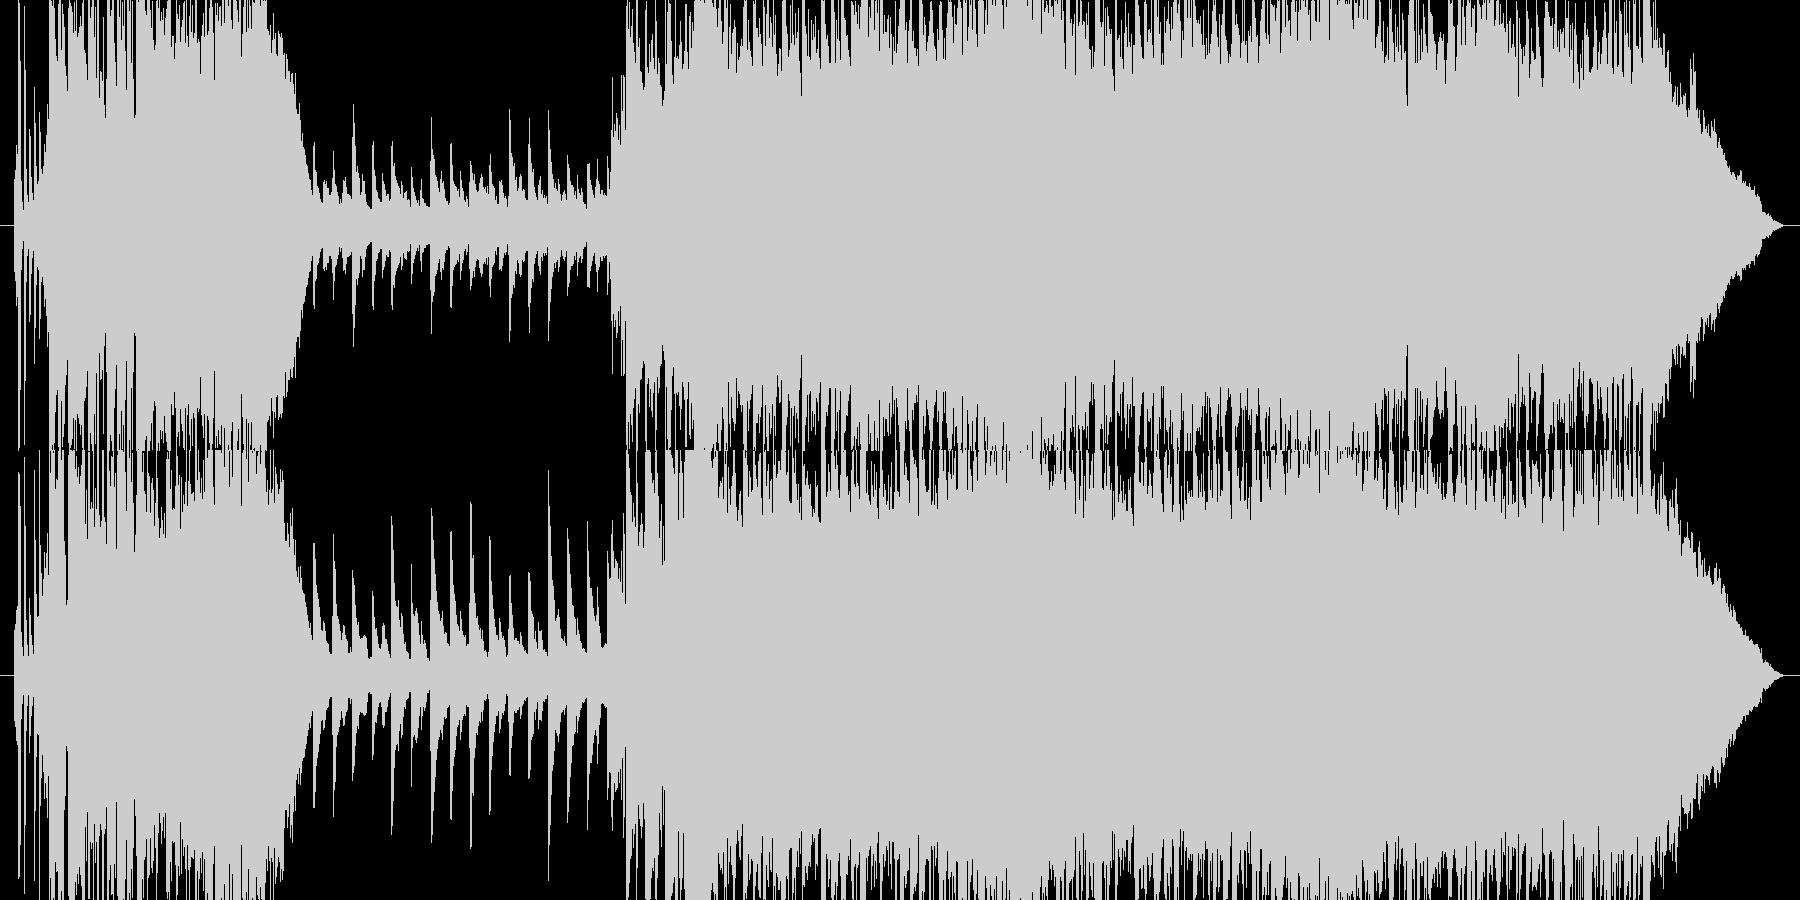 Queen風リフから壮大な感動的バラードの未再生の波形